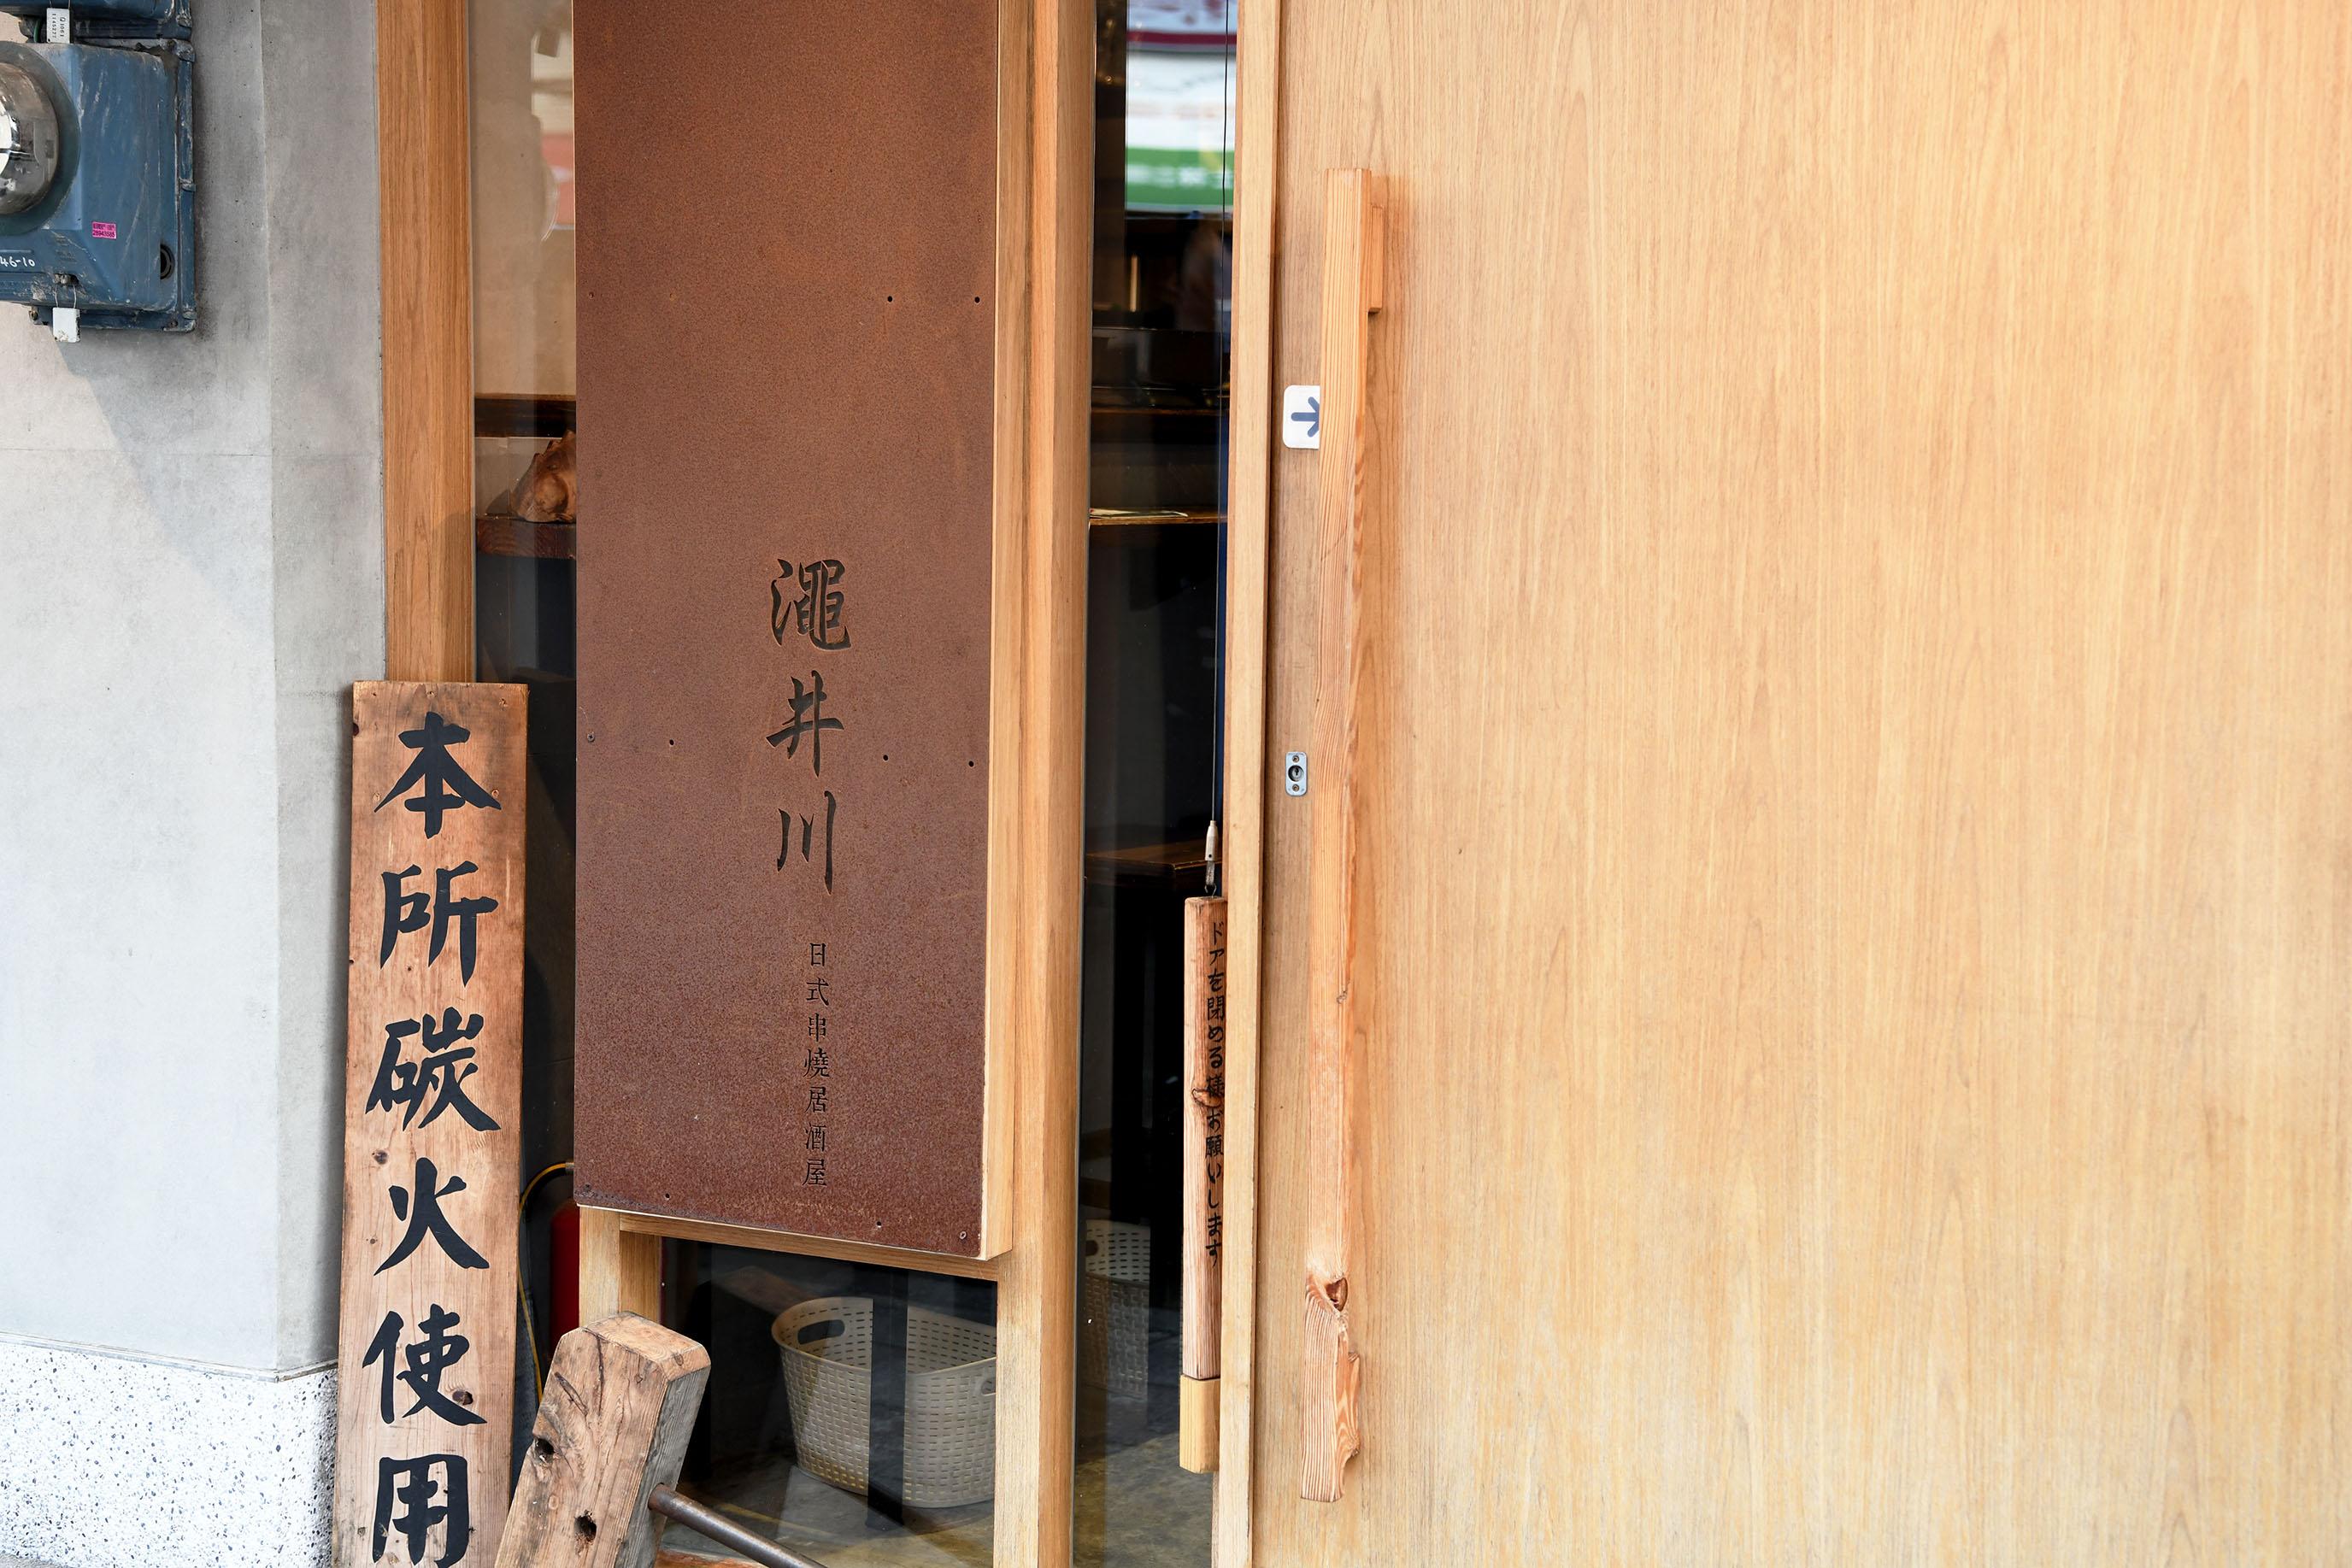 澠井川 日式串燒 居酒屋-貳場